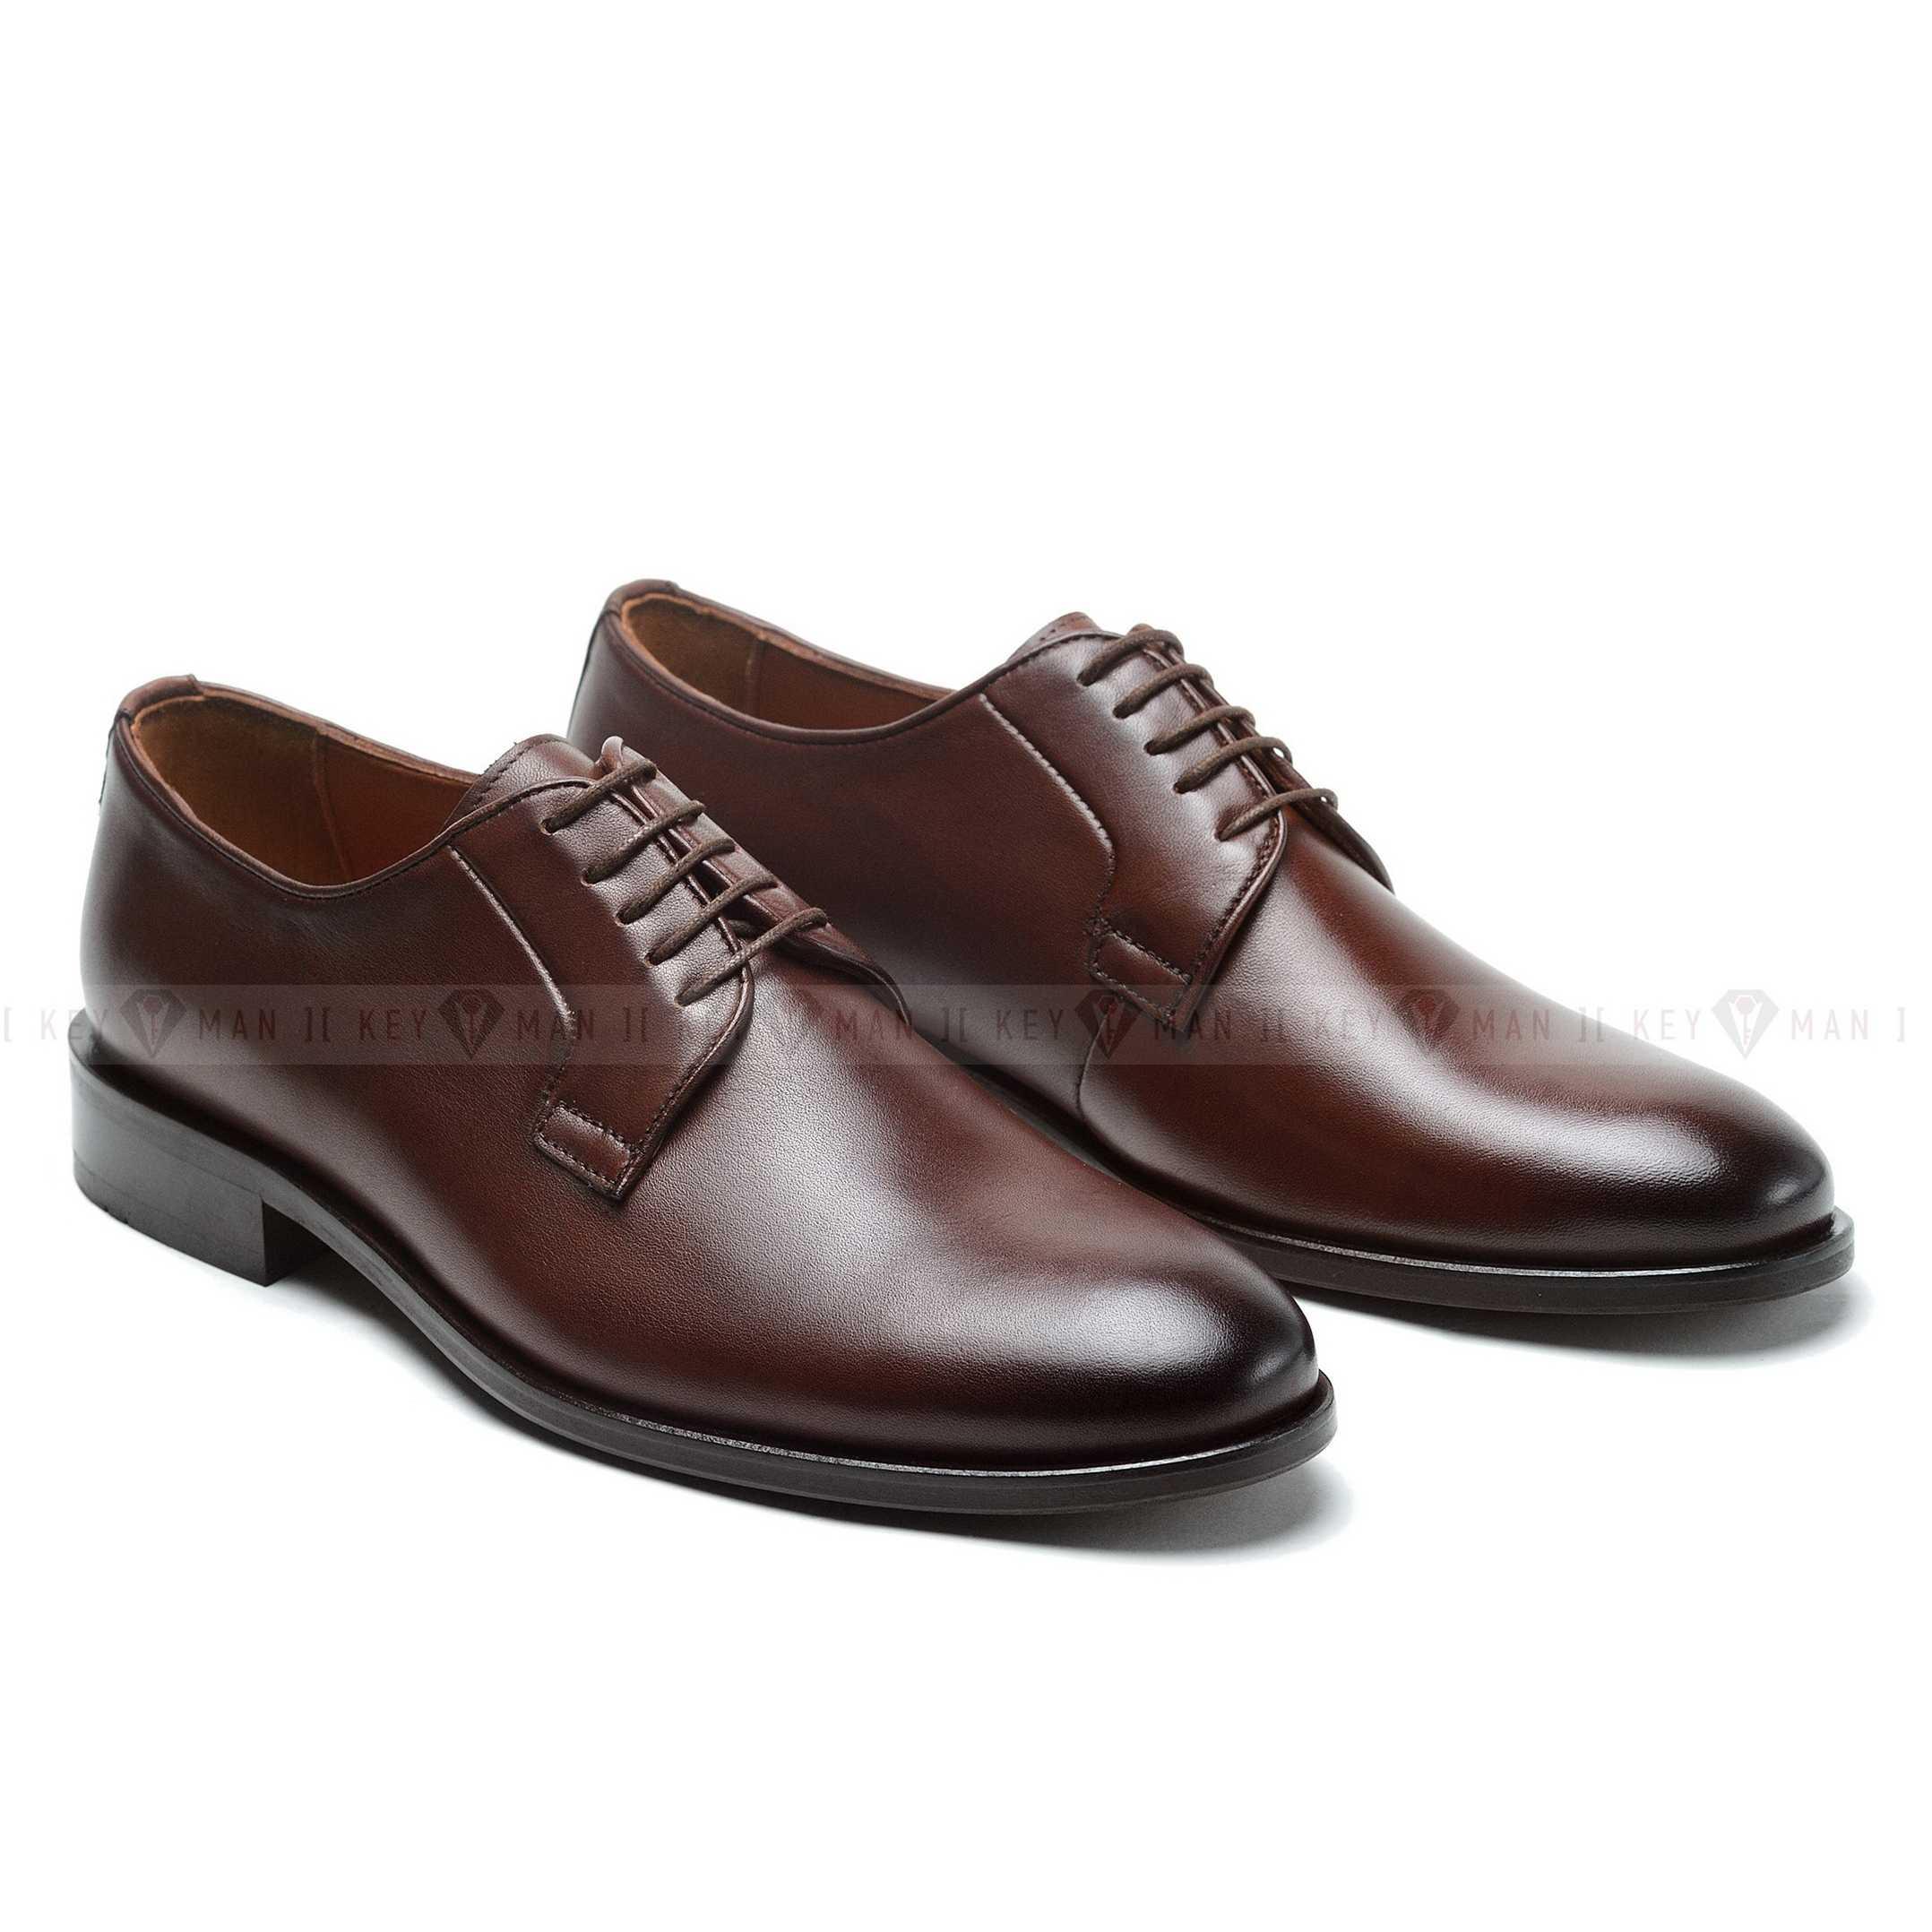 Туфли мужские дерби коричневые классические (DERBY PLAIN TOE)